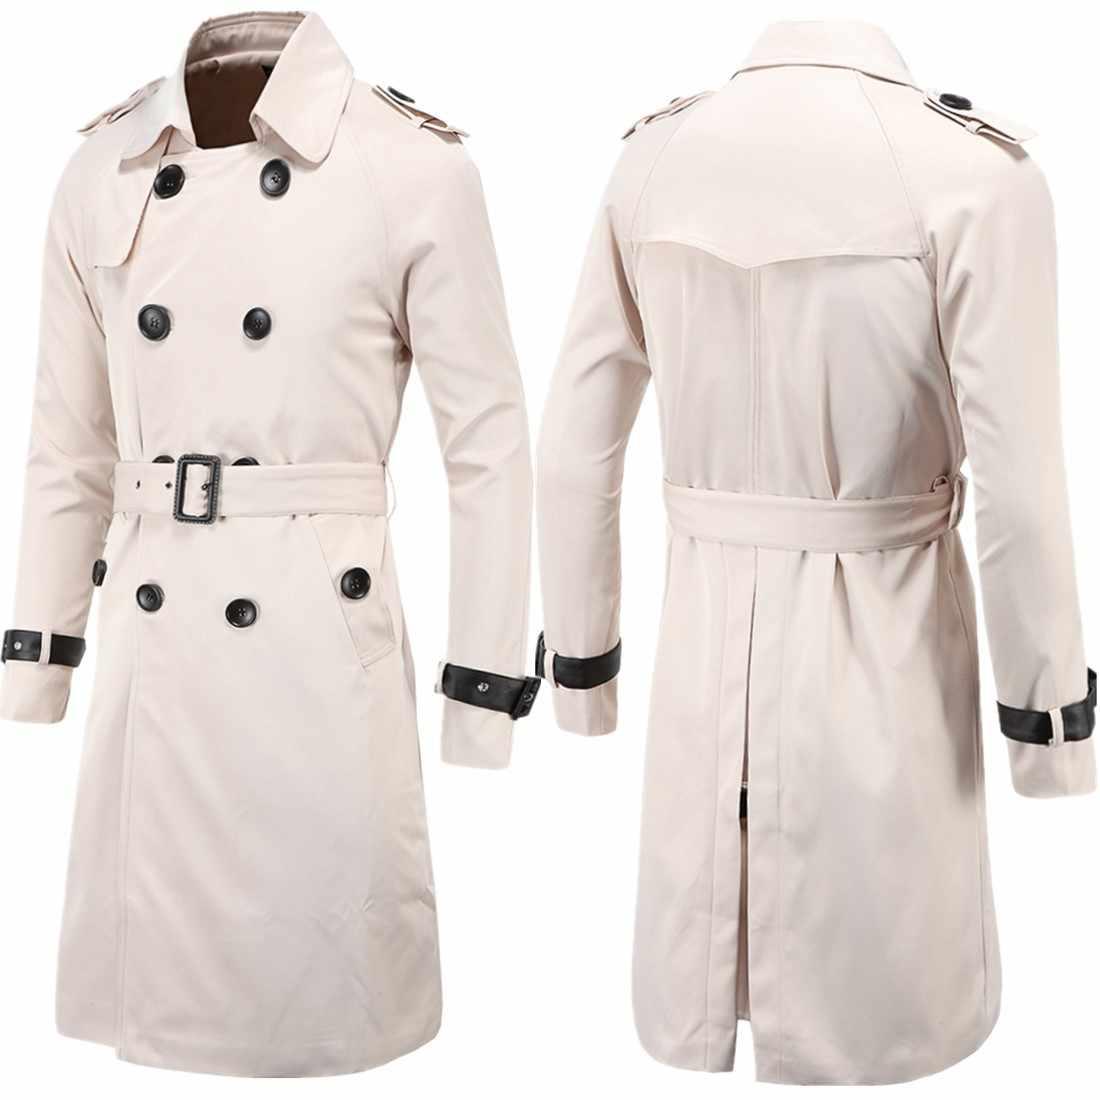 Aowofs 패션 남자 착용 2019 봄 의류 부티크 유럽과 미국 긴 슬림 맞는 더블 브레스트 트렌치 코트 남자 외부